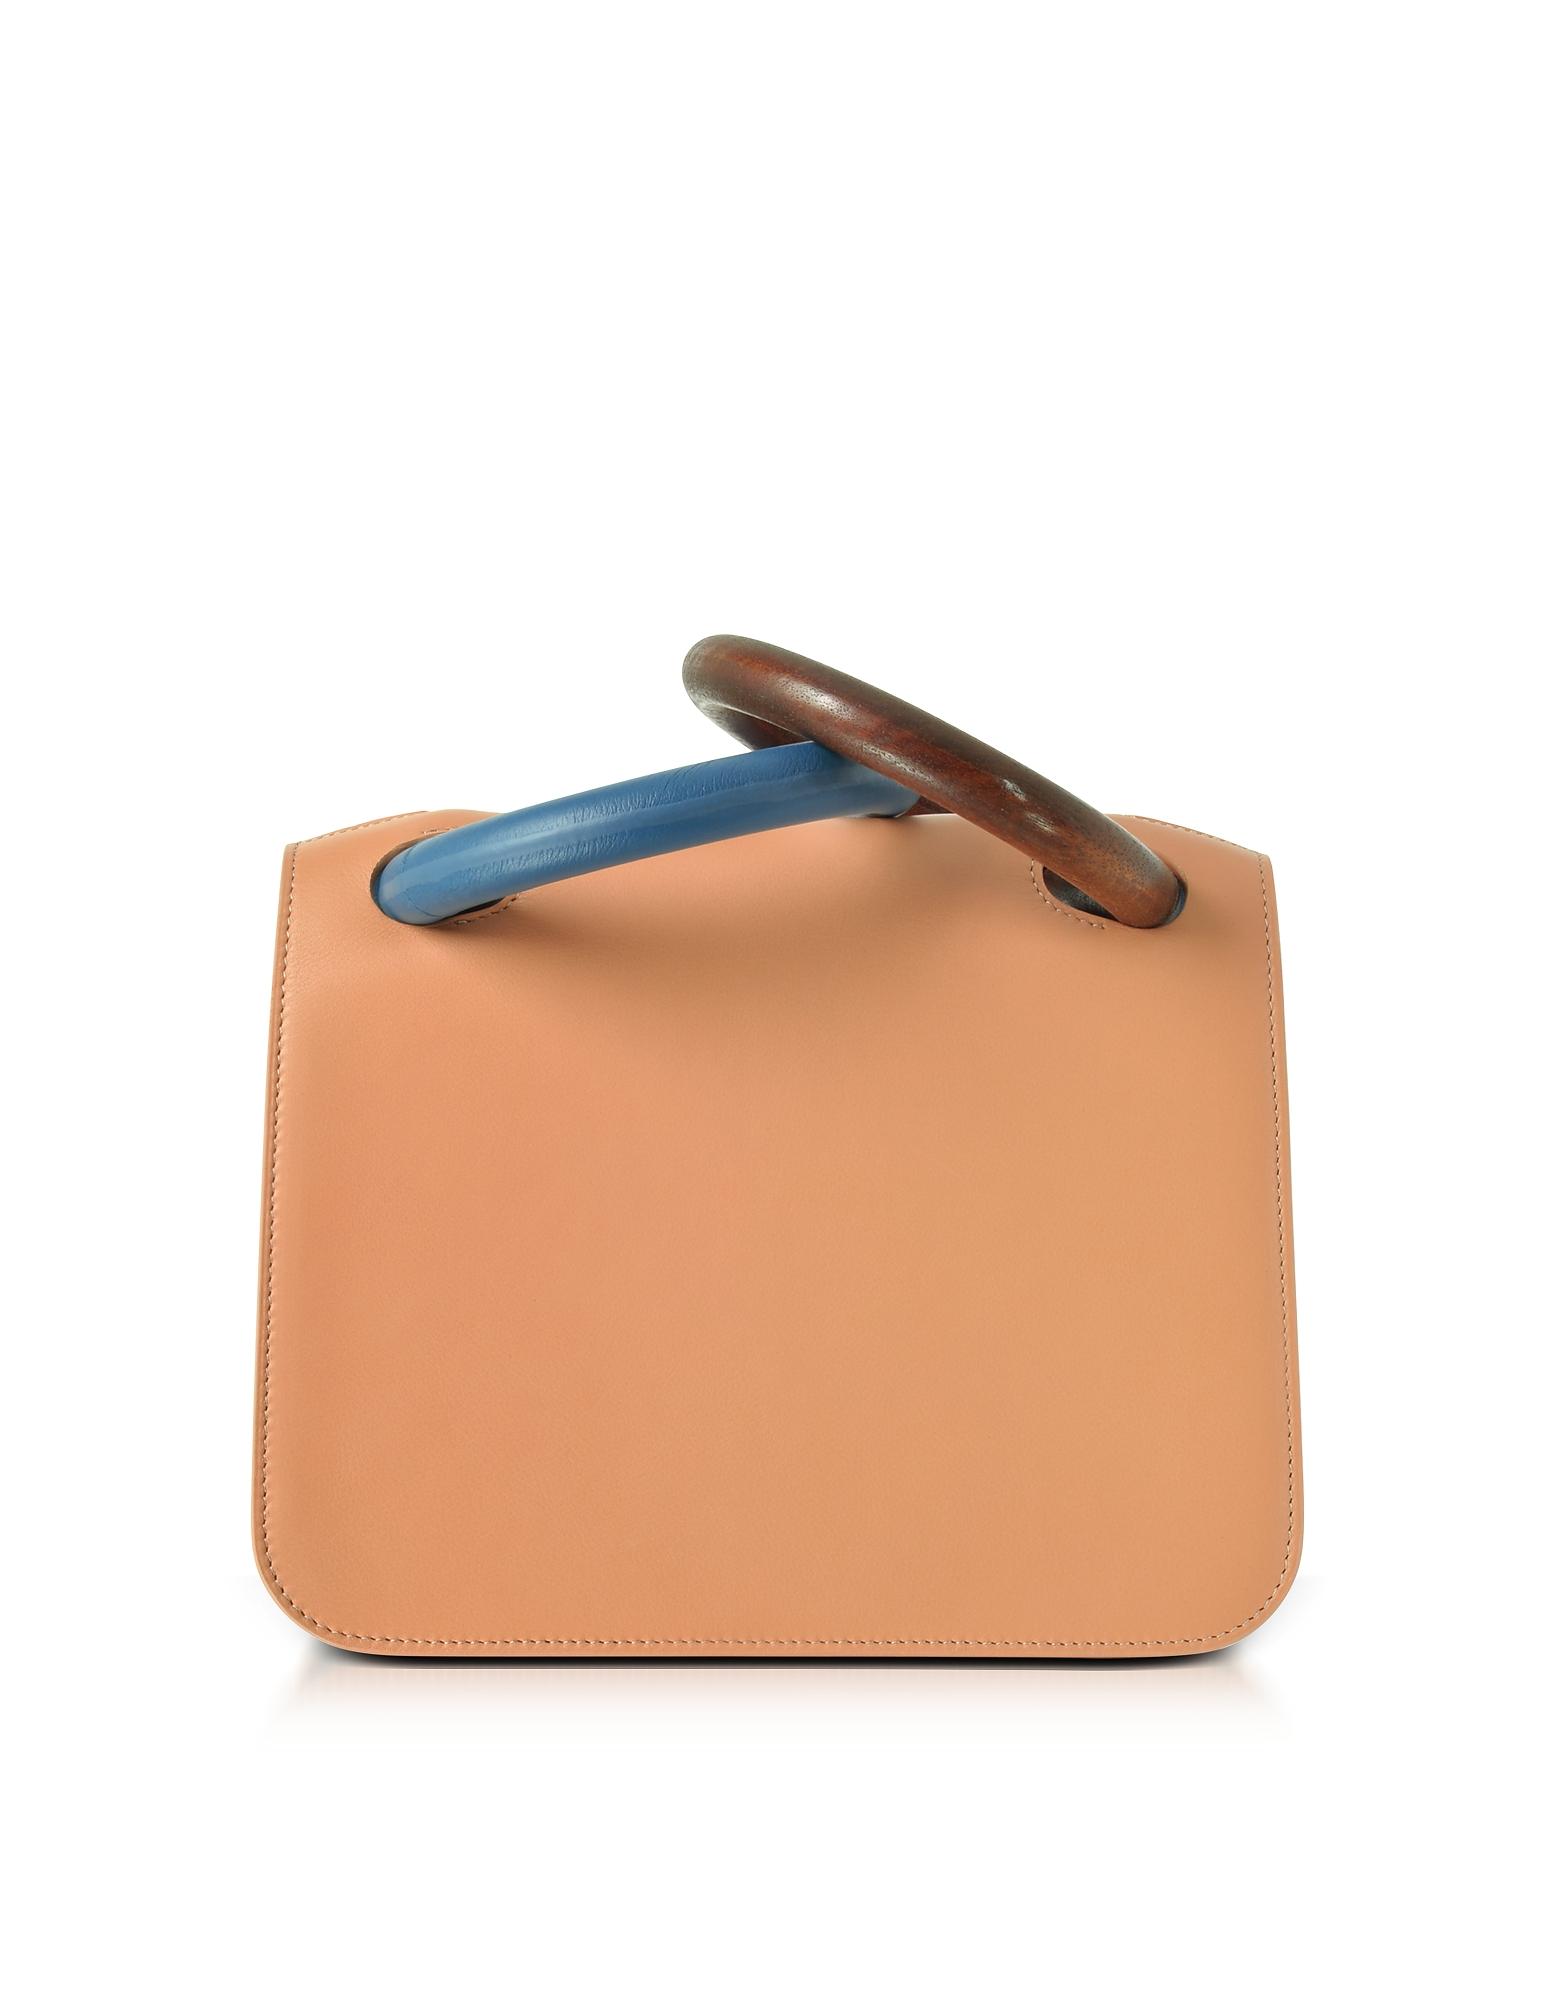 Roksanda Handbags, Desert Sand Leather Neneh Bag w/Wooden Handles